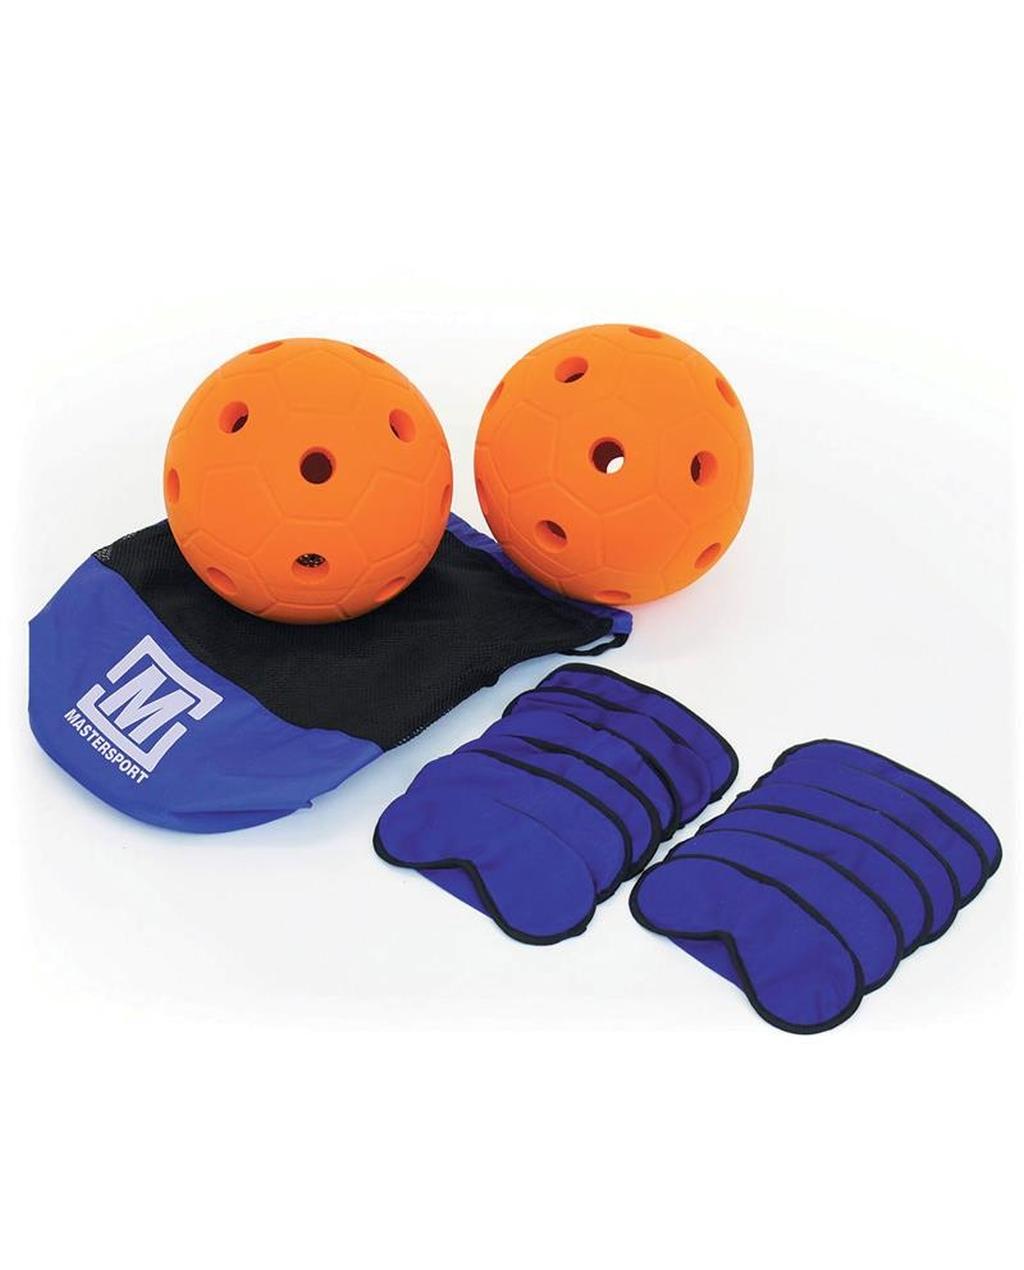 Goalball Set